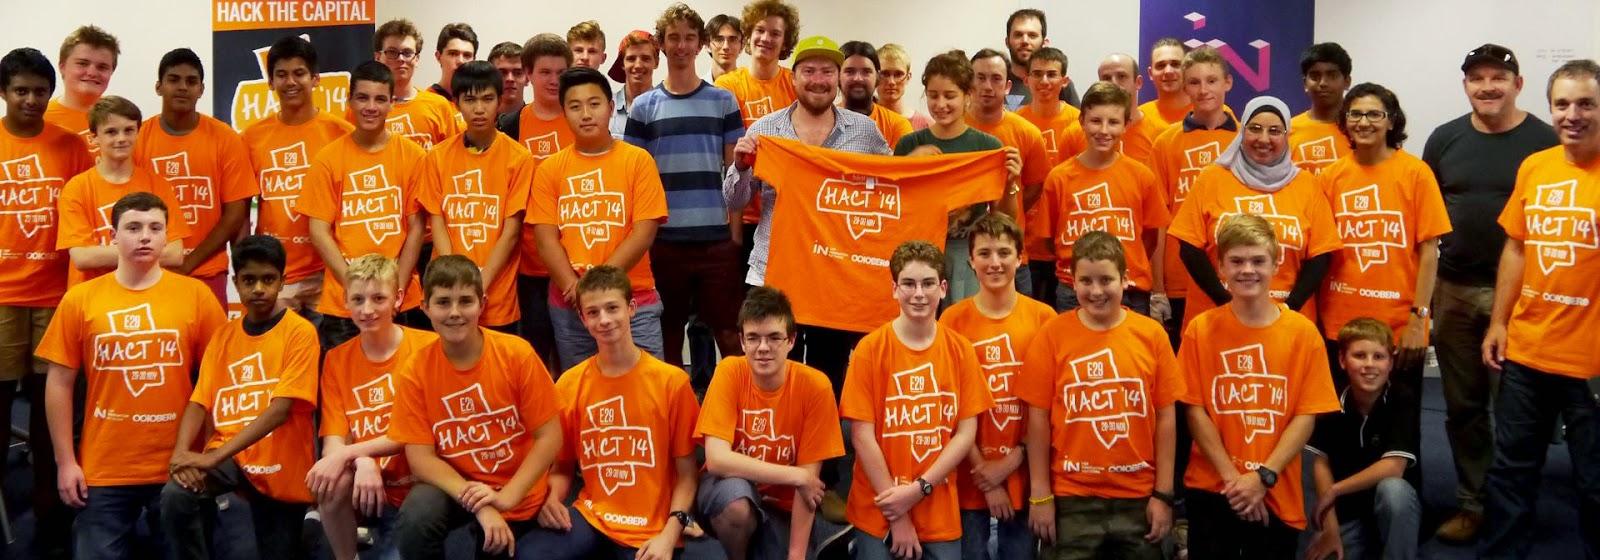 Hackathon ACT 2014 participants